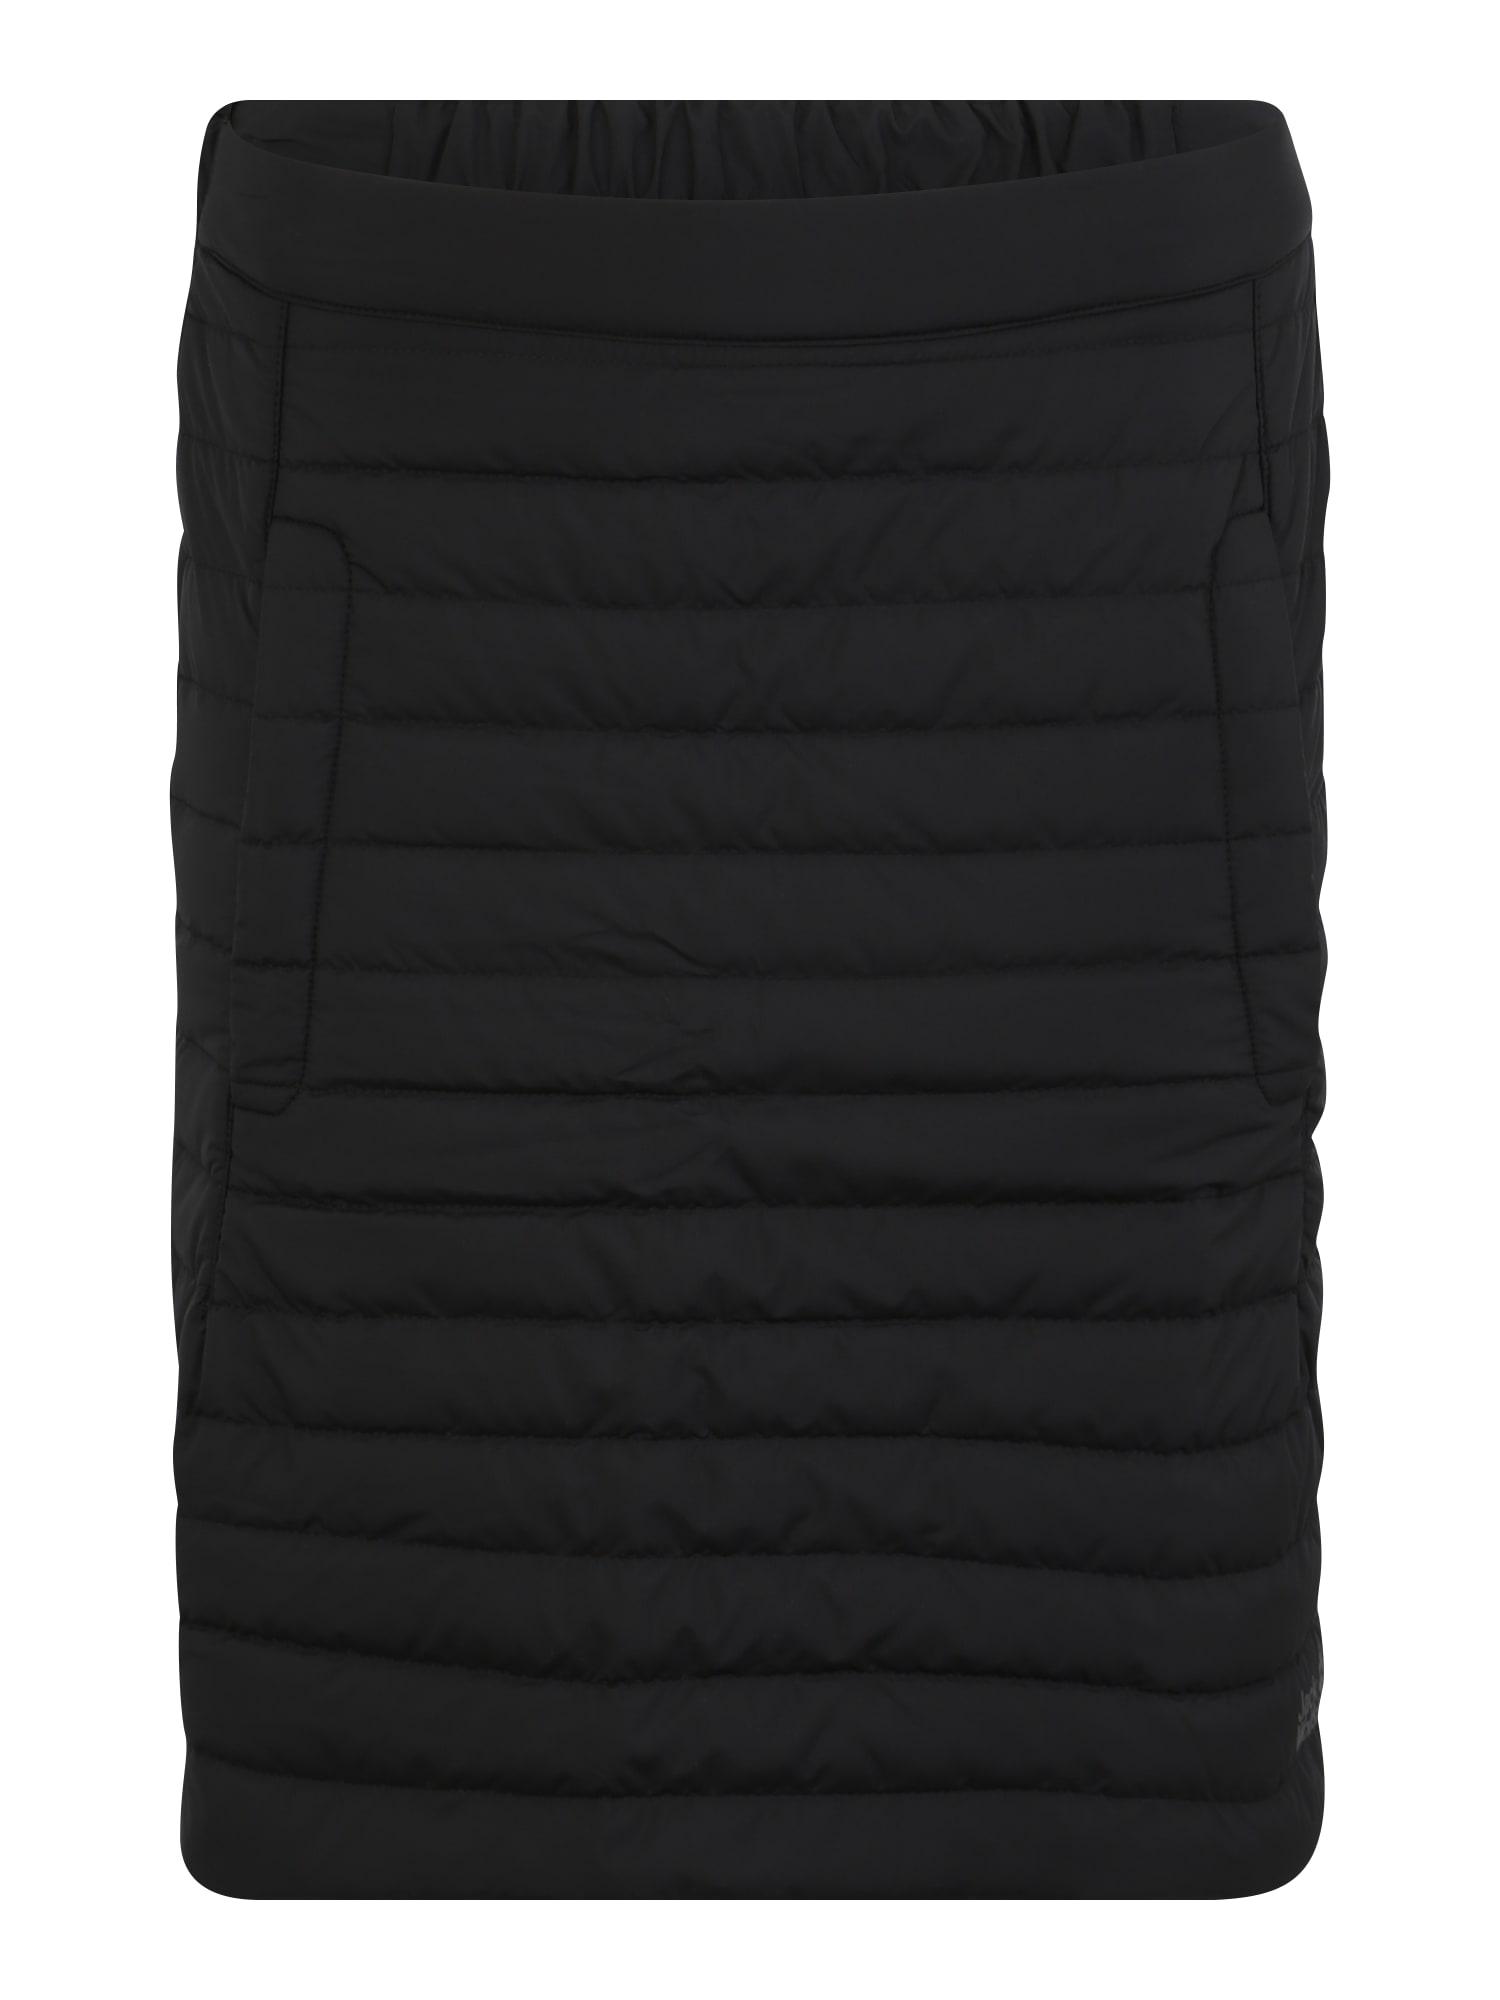 JACK WOLFSKIN Sportinio stiliaus sijonas 'ICEGUARD' juoda